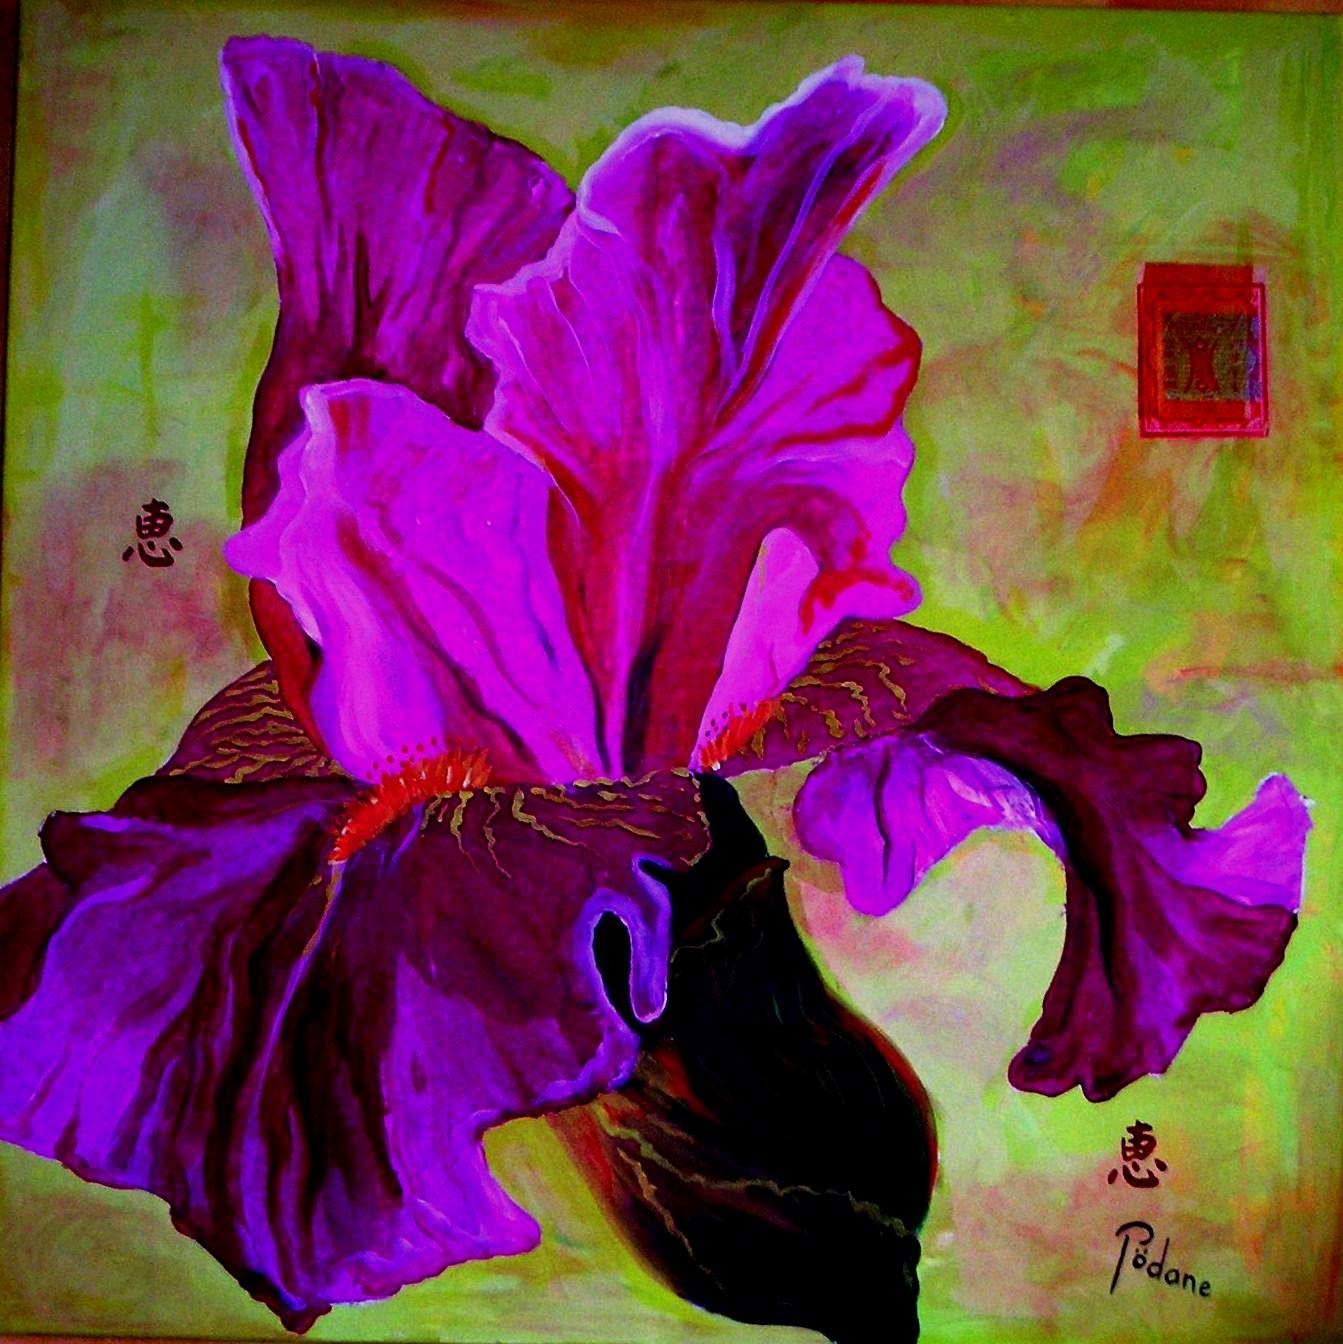 Les iris ont été pendant très longtemps un sujet de fascination